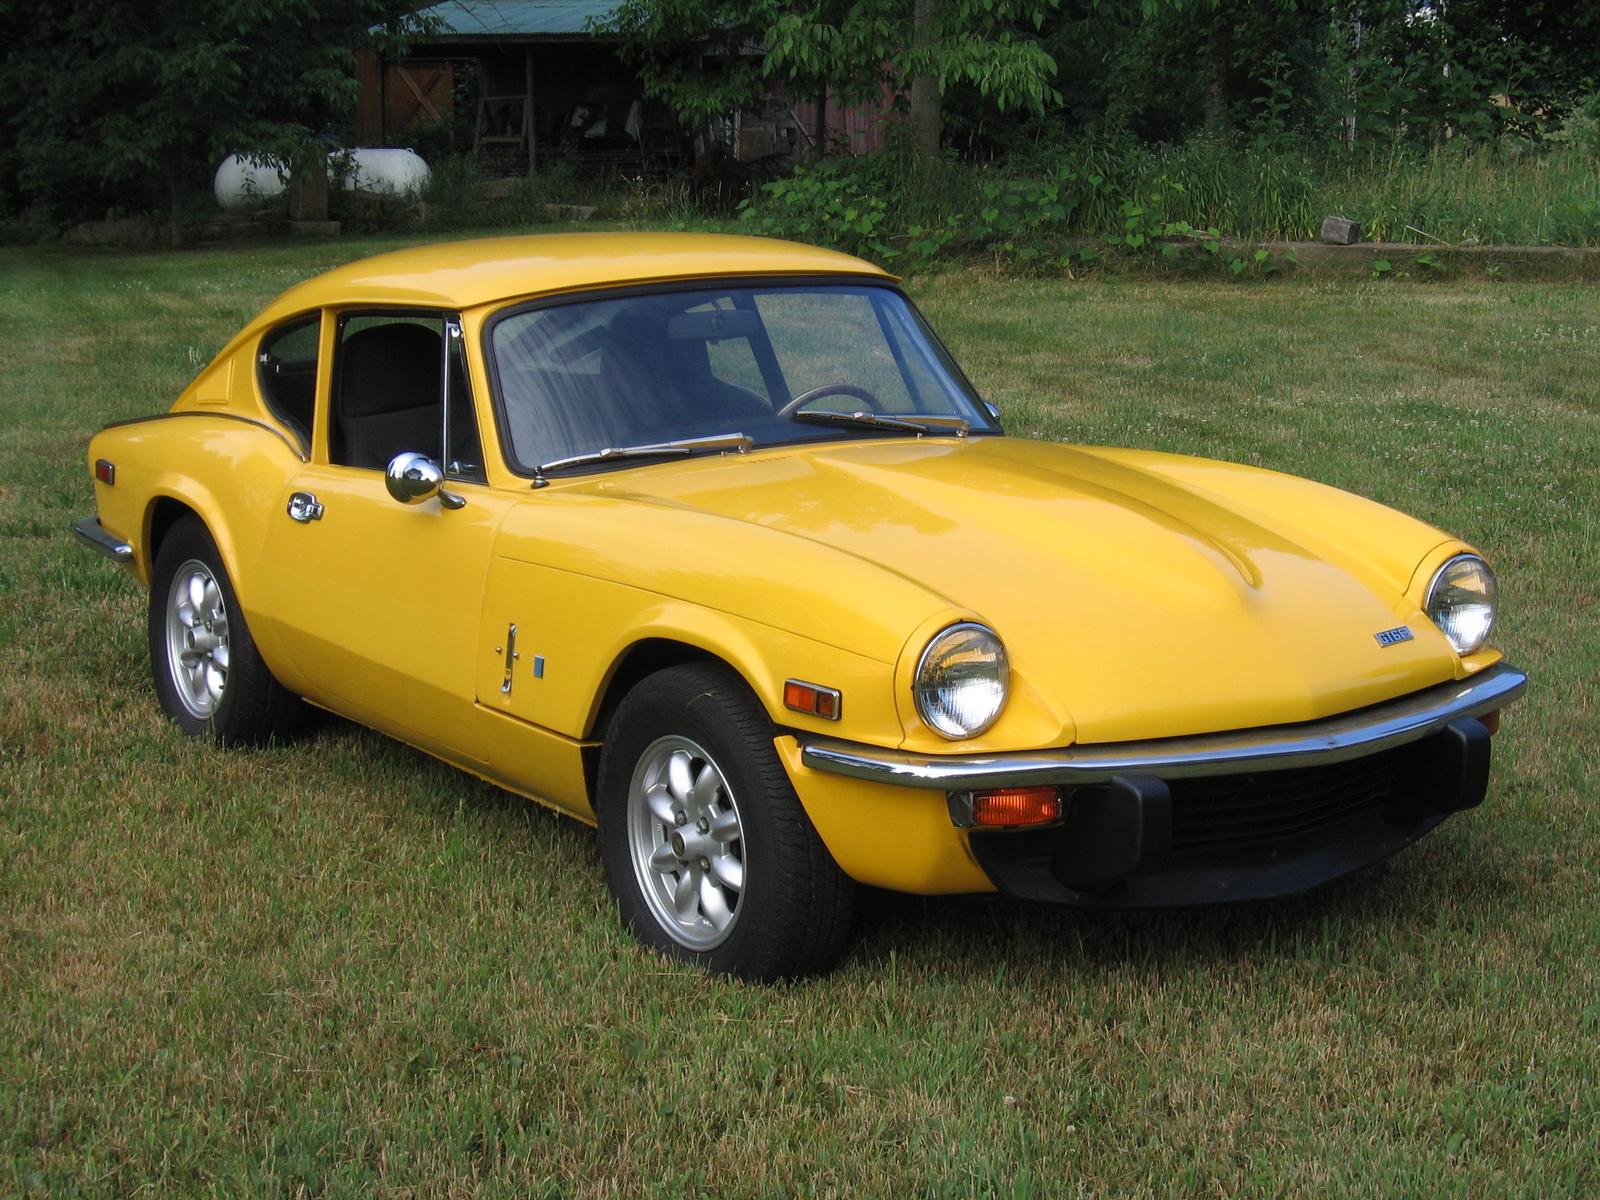 1971 Triumph Gt6 Pictures Cargurus